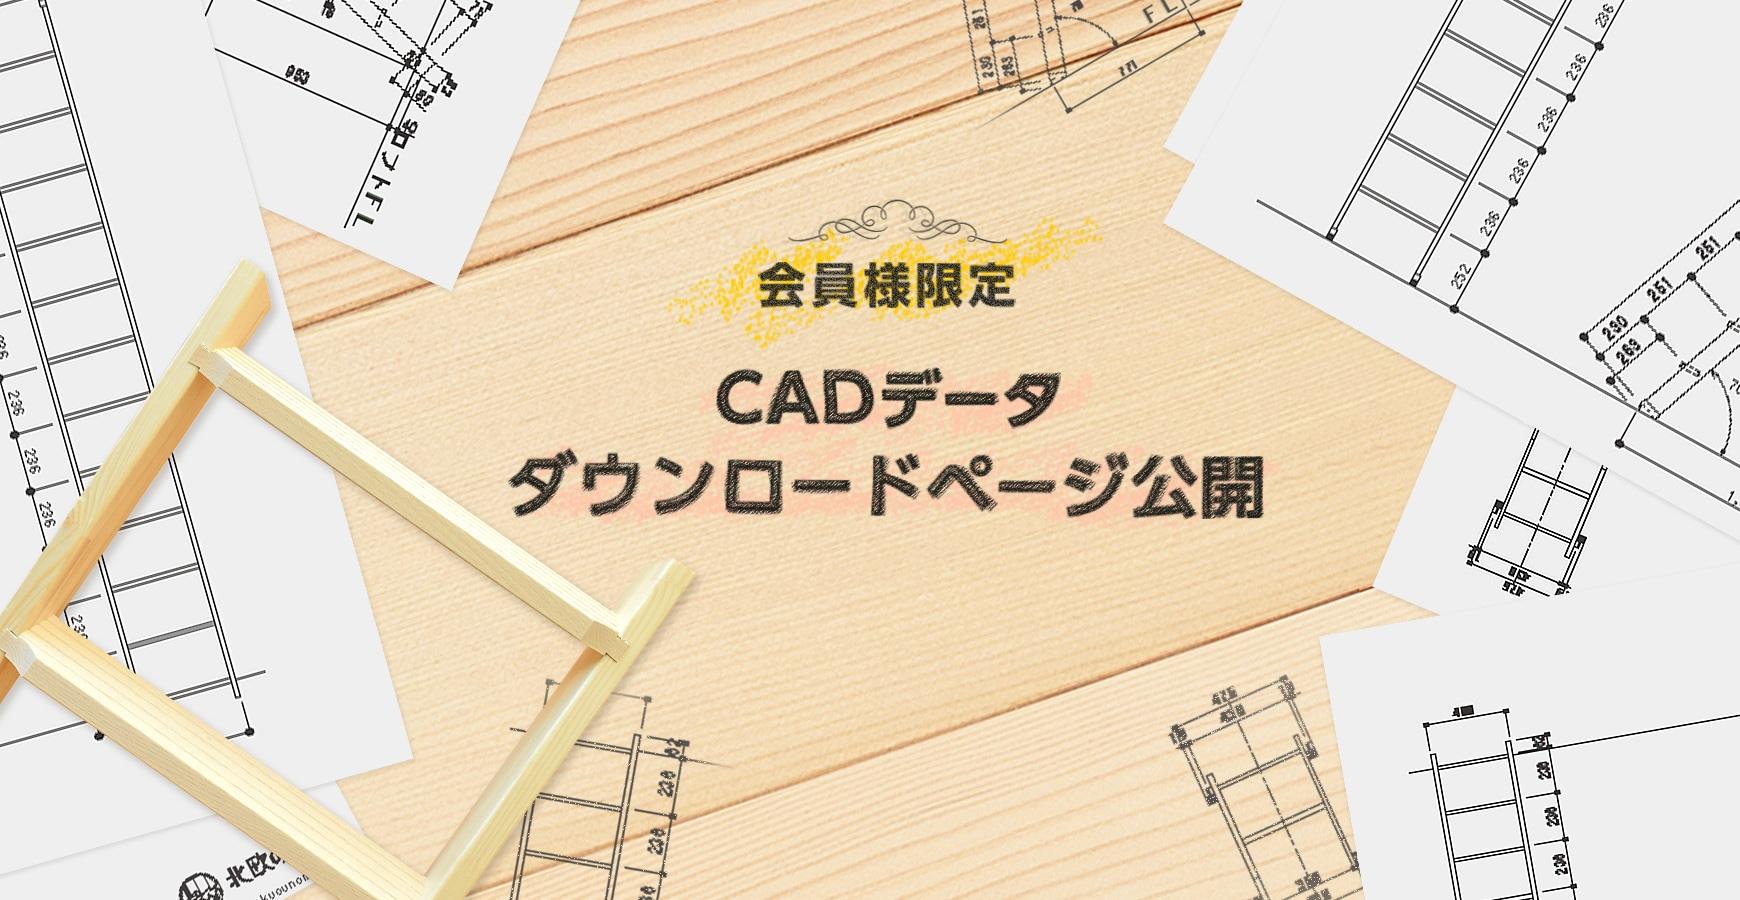 はしご・階段のCAD寸法図が登場。会員限定でダウンロード可能